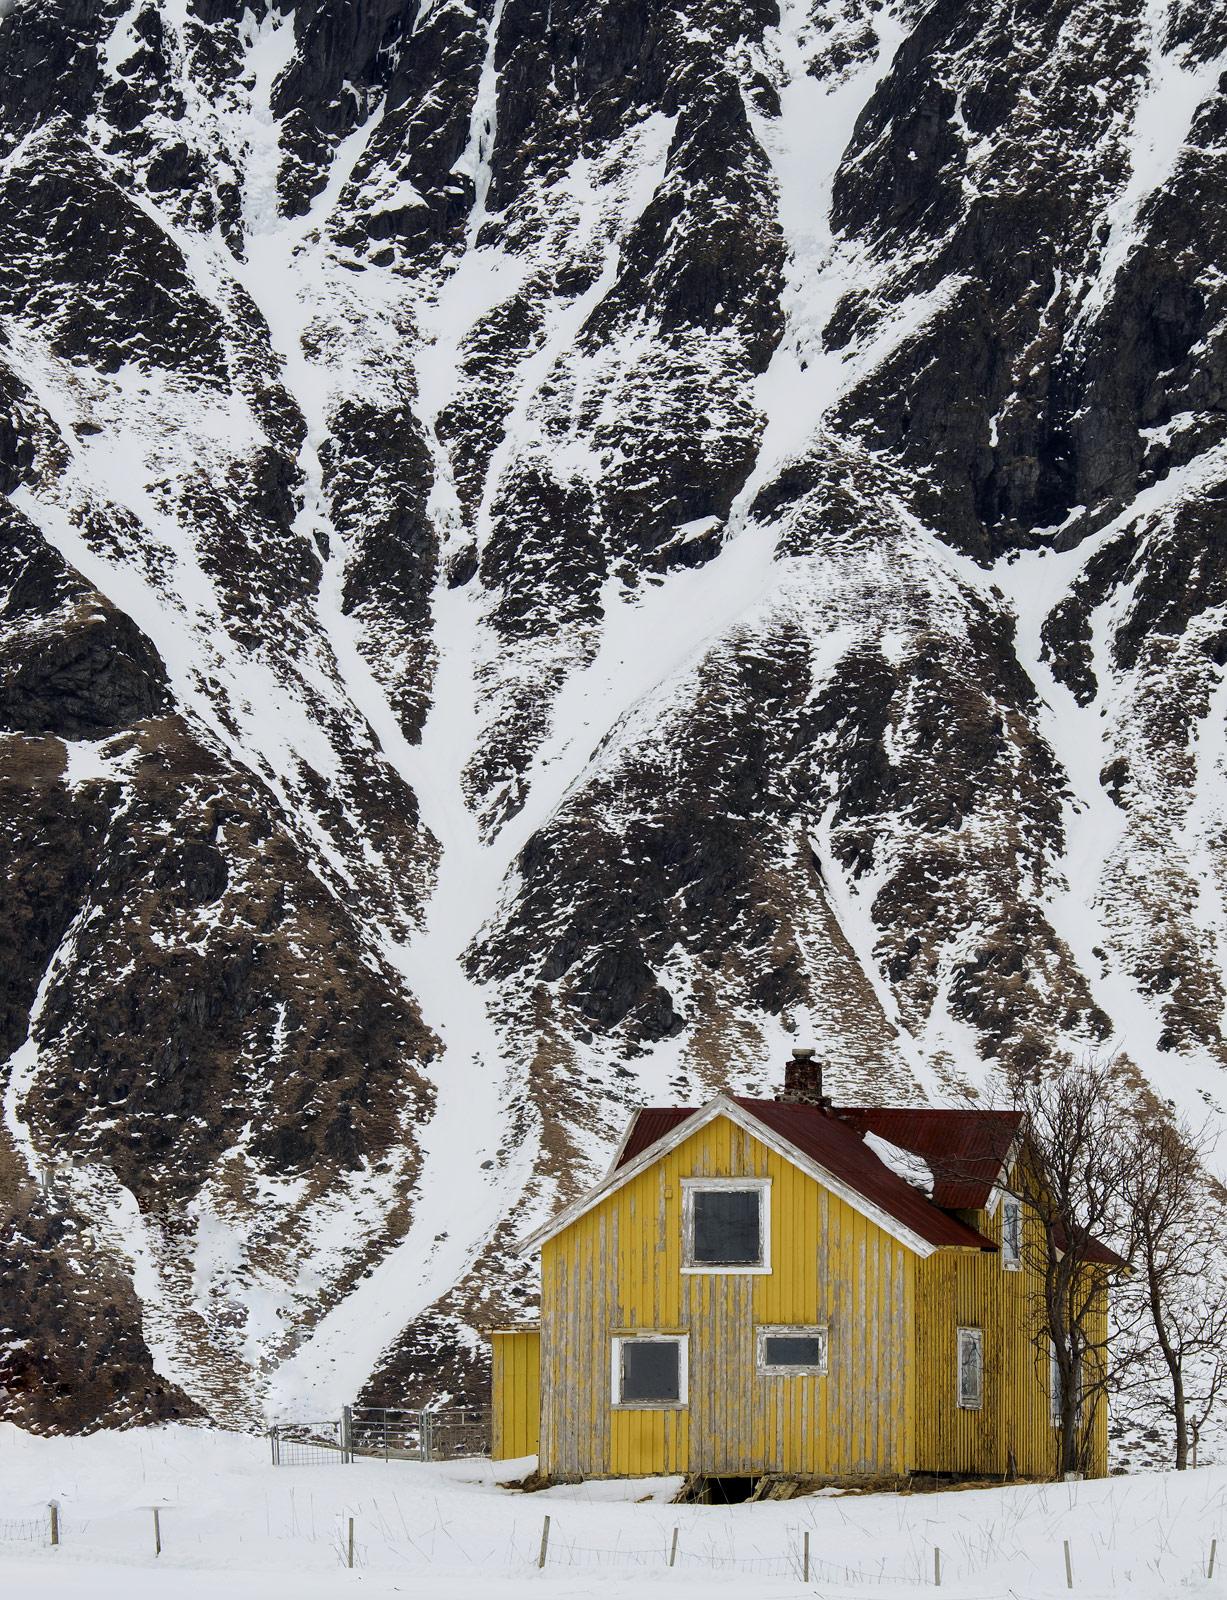 Tree House Flakstad, Flakstad, Lofoten, Norway, white, tree, edifice, snow, house, wind, photo